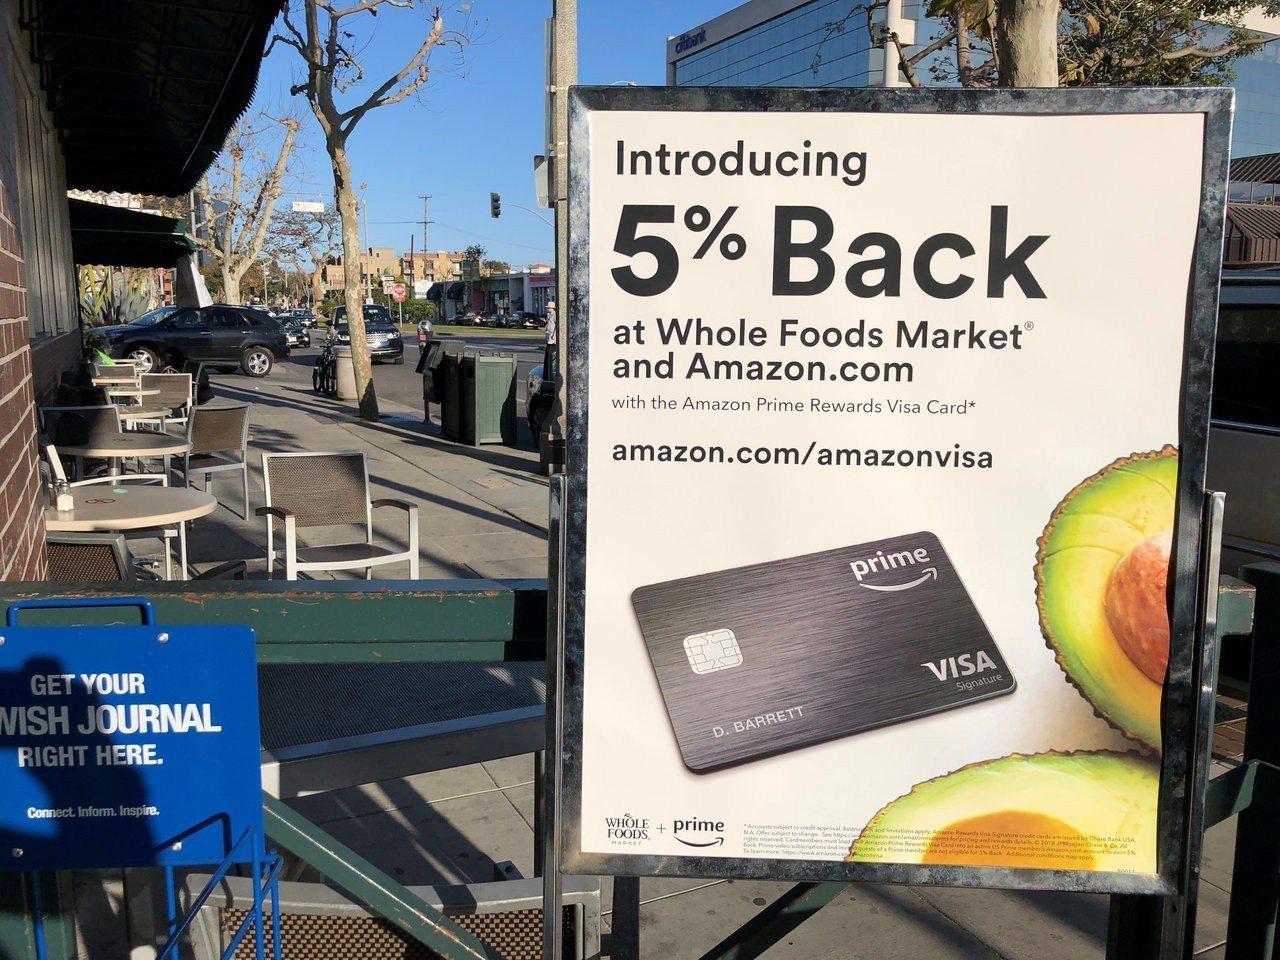 亞馬遜向「信用不良」用戶推出享5%現金購物回饋的擔保型信用卡。 路透